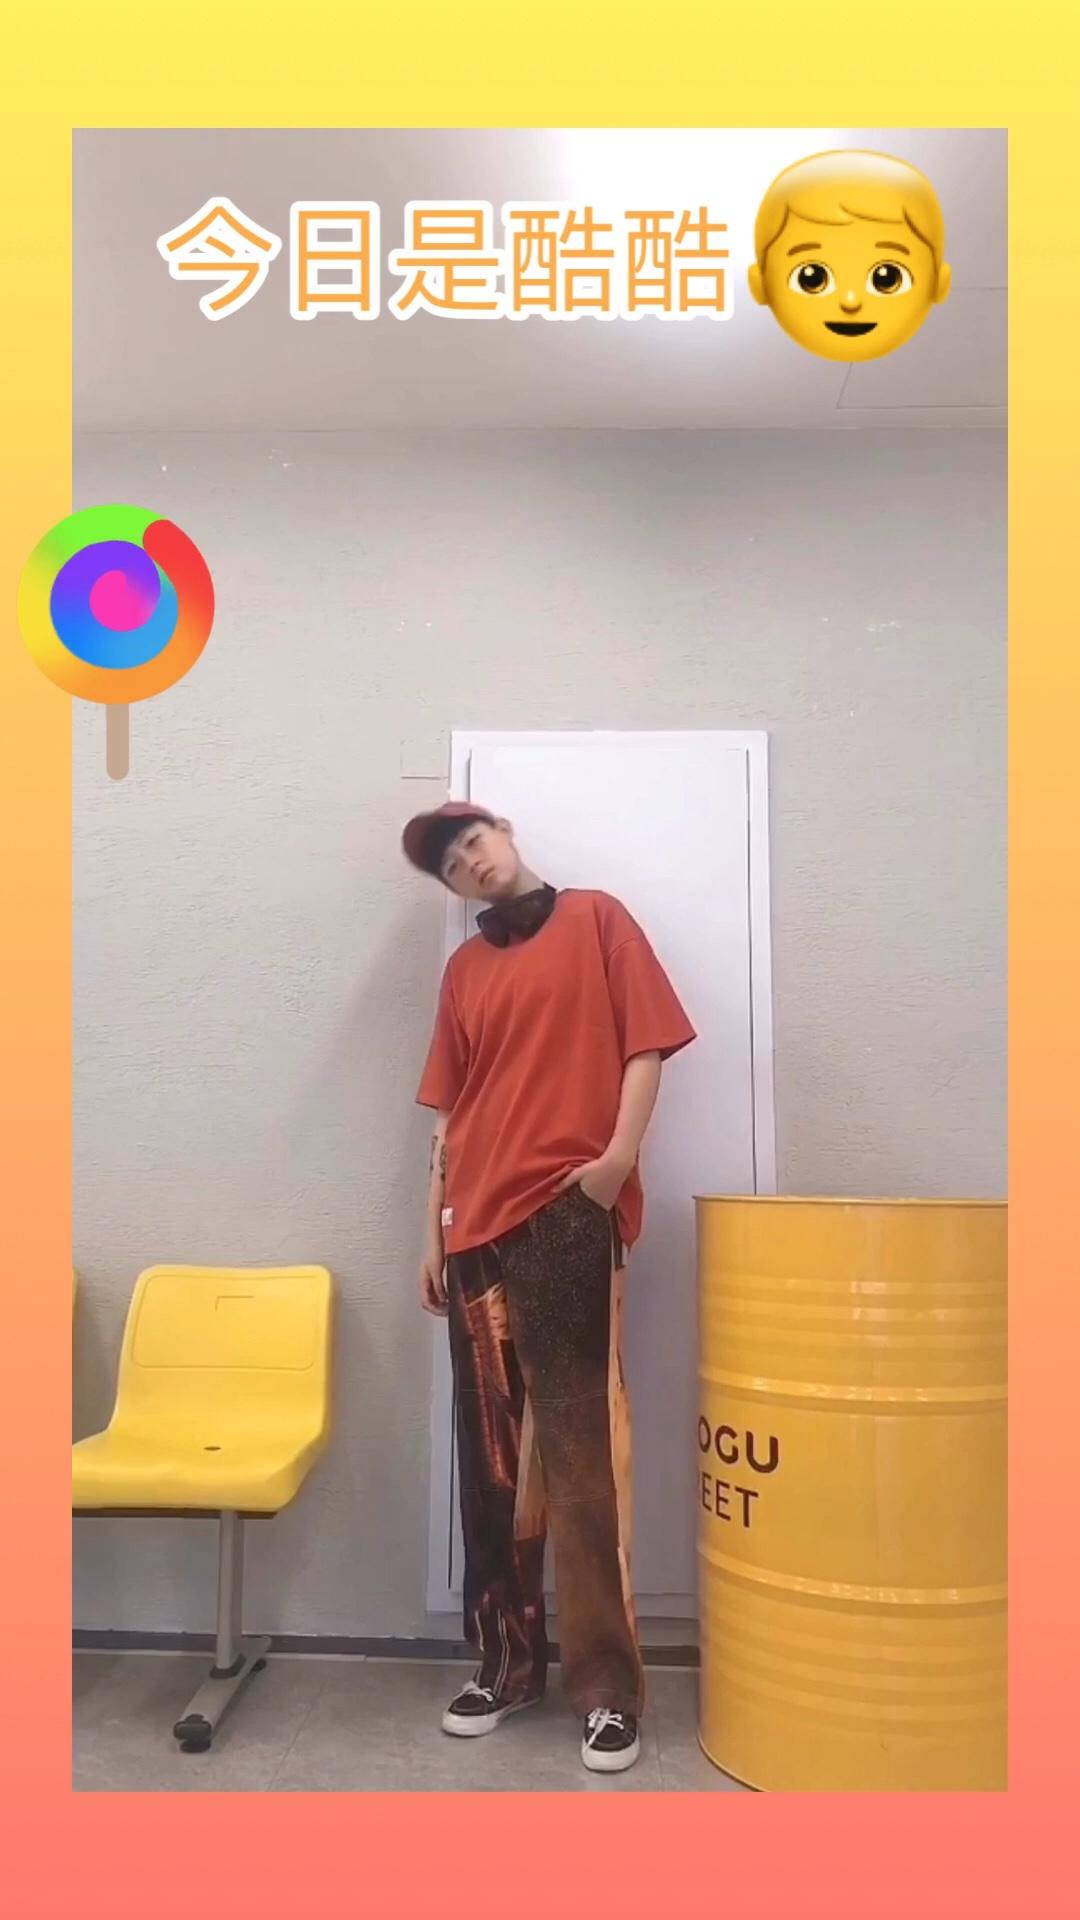 #蘑菇街新品测试# 今日是酷酷boy~ 裤子酷到炸裂啊印花 印花带了点橙色和黄色 然后裤子印花有点花 所以搭配了纯橙色的t恤 这样整体就看起来更舒服些